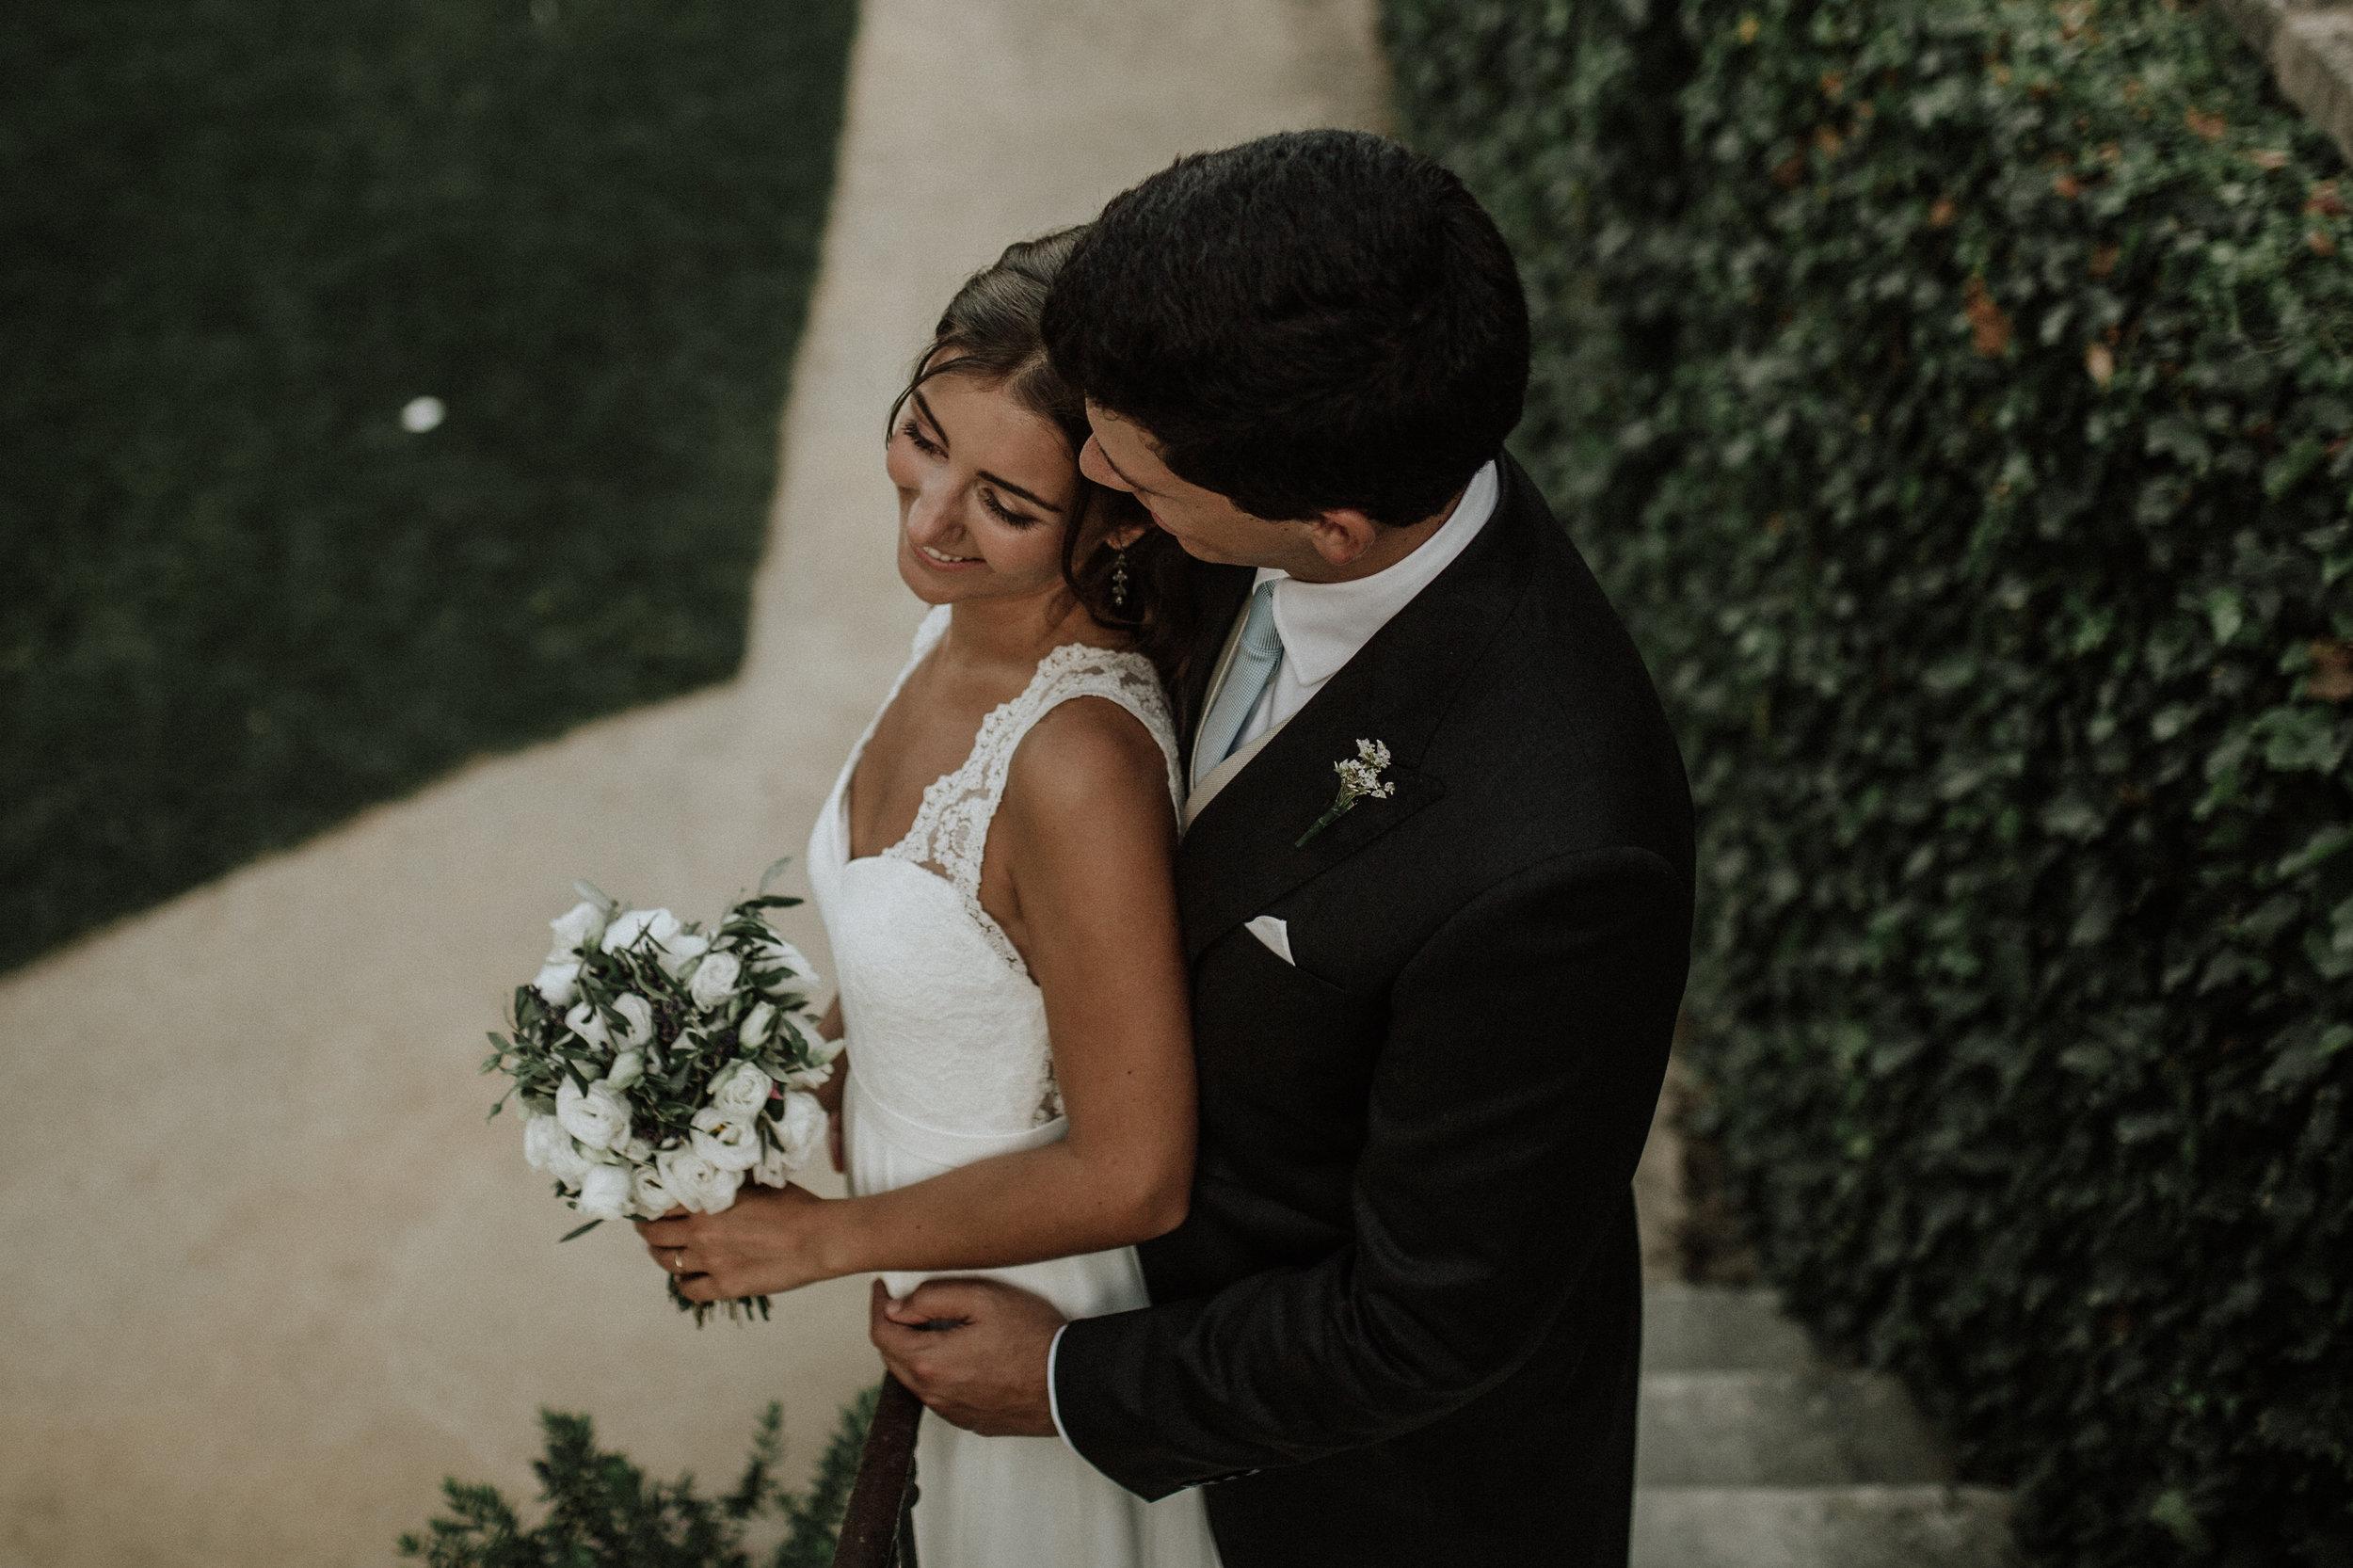 I&J_694_ 14_julho_2018 WEDDING DAY.jpg